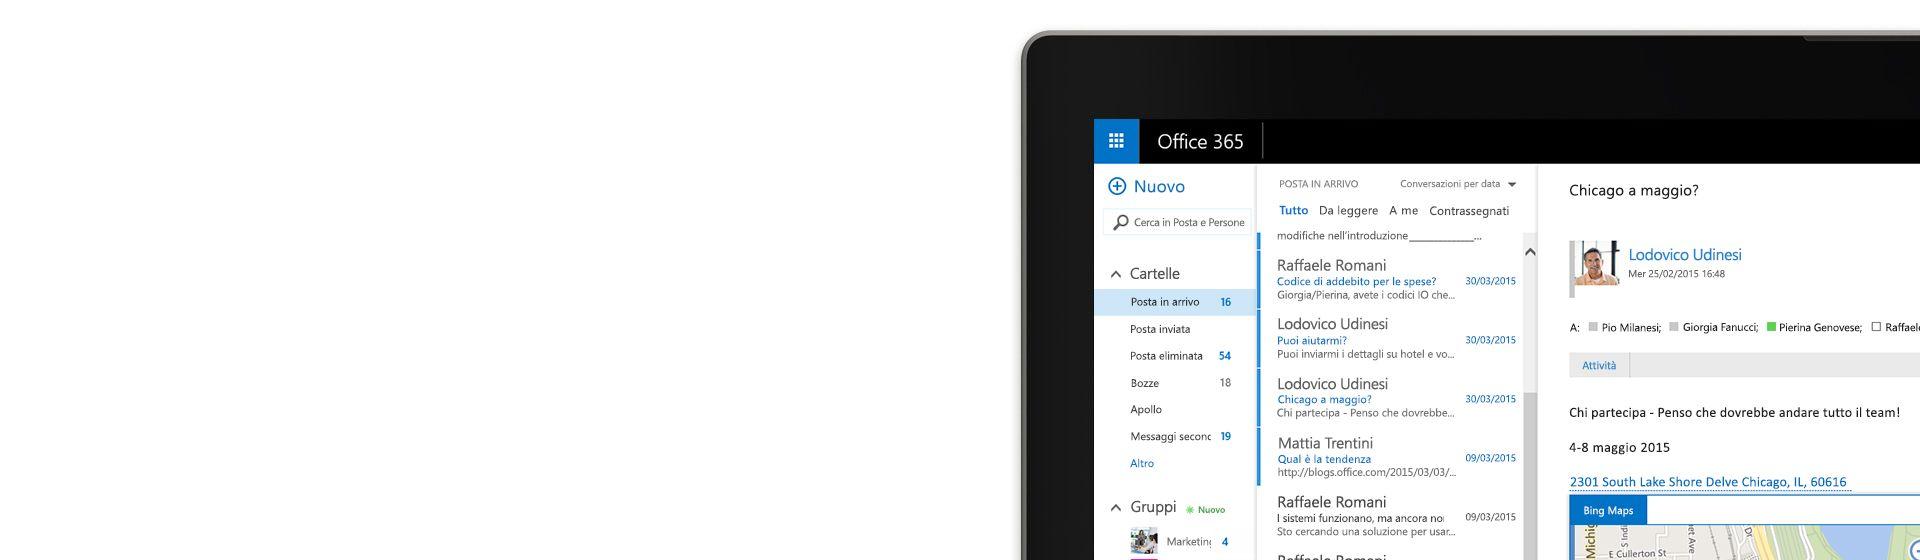 Angolo dello schermo di un computer che visualizza la posta in arrivo in Office 365